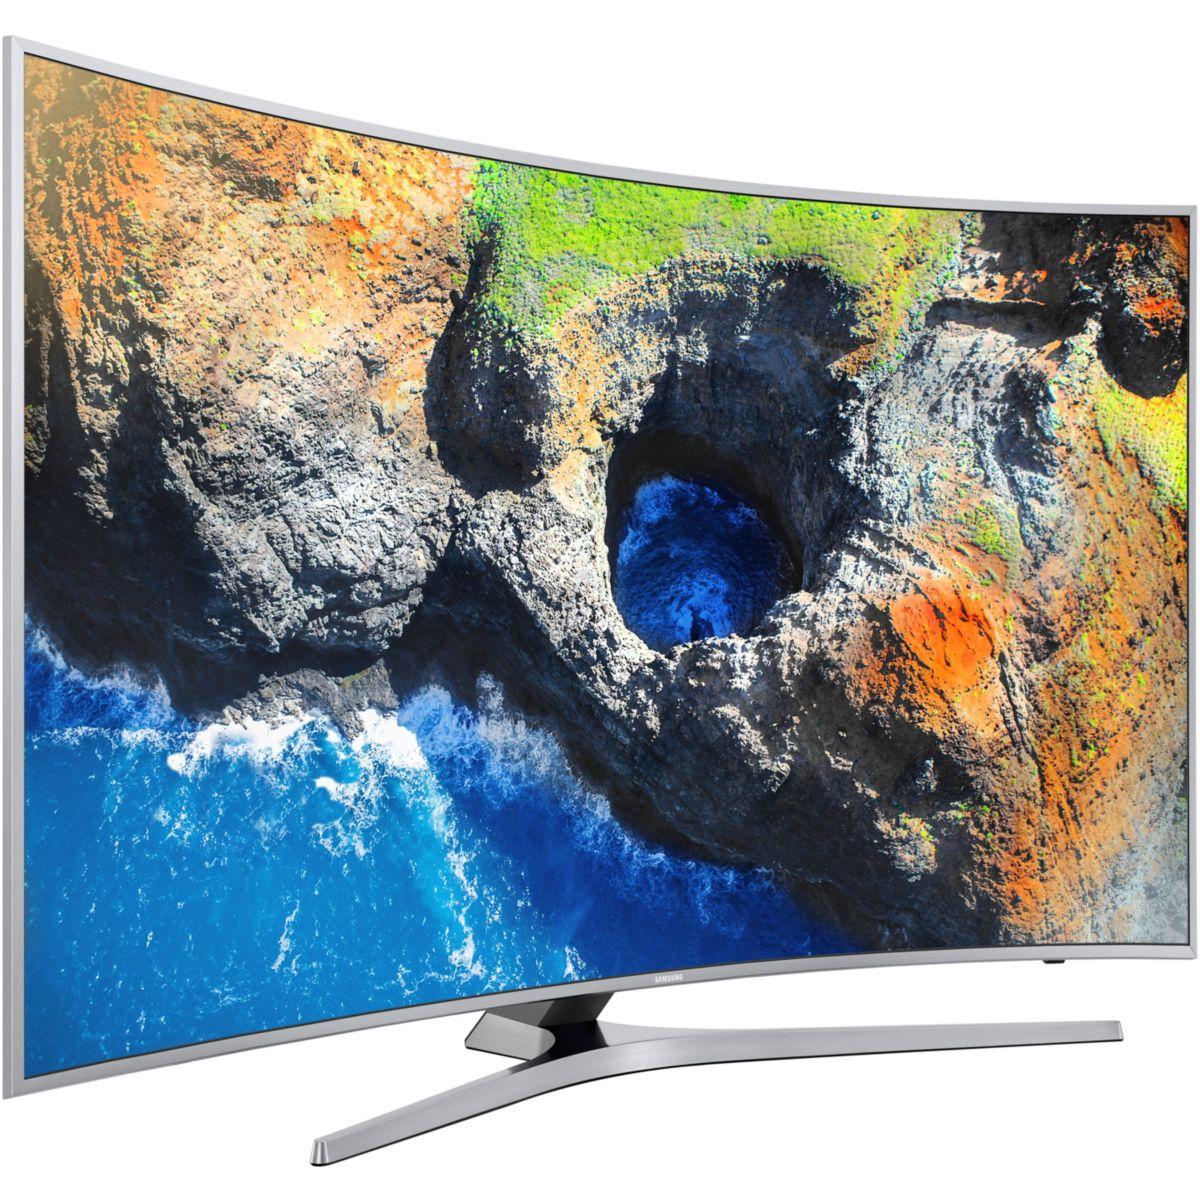 TV SAMSUNG UE65MU6505 4K HDR INCURVE SMA